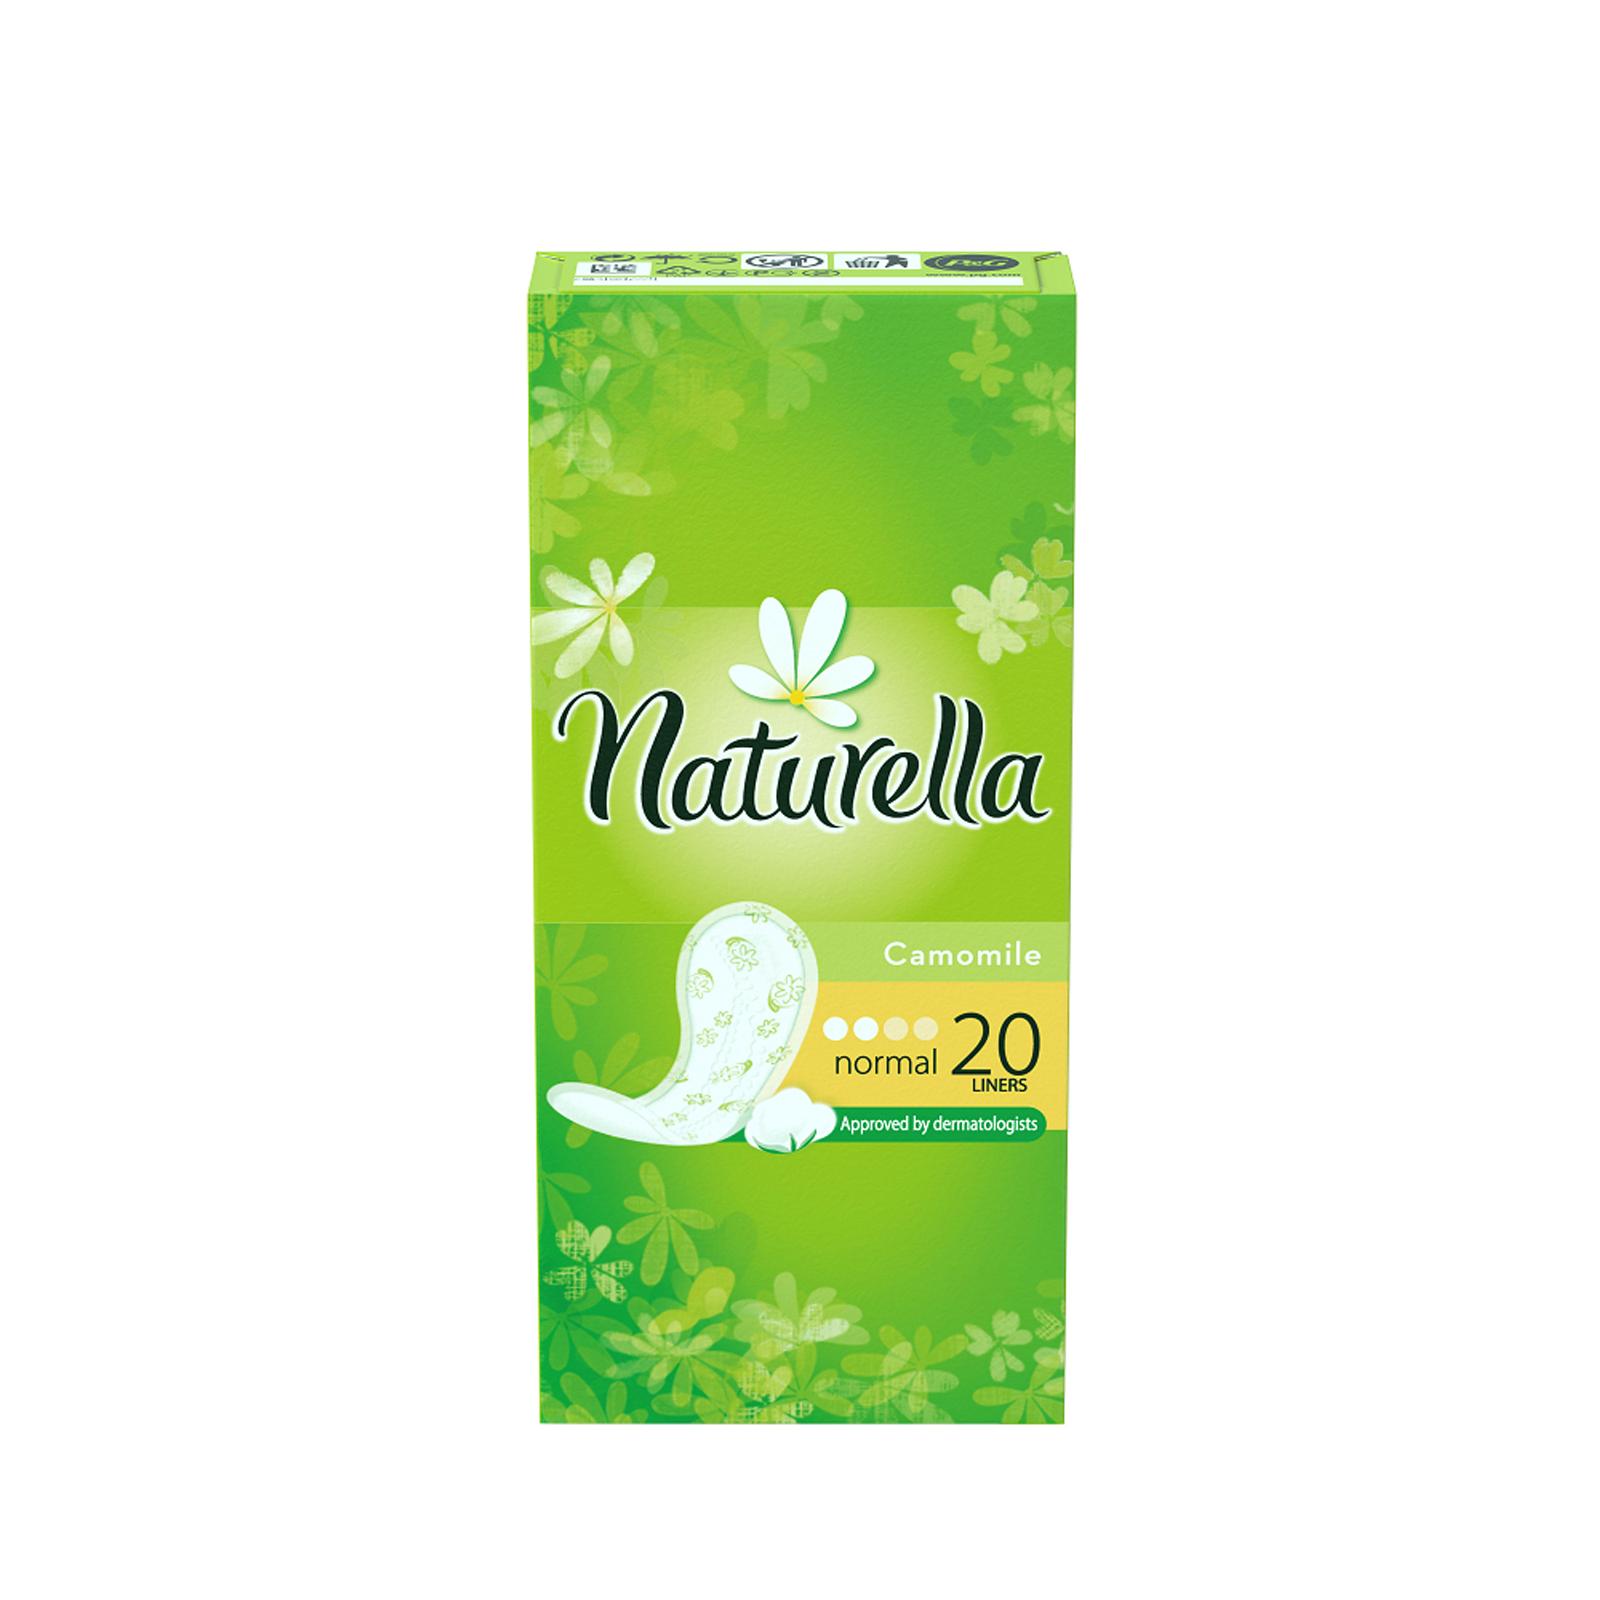 Naturella Женские гигиенические прокладки на каждый день Camomile Normal Single 20штNT-83730610Сохрани свежесть в течение всего дня с ежедневными прокладками Naturella Normal. Эти воздухопроницаемые ежедневные прокладки толщиной 0,9 мм с мягким, как лепесток, верхним слоем и легким ароматом, вдохновленным самой природой, обеспечивают свежесть и комфорт каждый день.Одобренные дерматологическим институтом proDERM ежедневные прокладки Naturella каждый день обеспечивают заботу о женской гигиене, которой можно доверять.Одобренные дерматологическим институтом proDERM ежедневные прокладки Naturella каждый день обеспечивают заботу о женской гигиене, которой можно доверять.Ежедневные прокладки Naturella отлично защищают нижнее белье при выделениях из влагалища, нерегулярном цикле и выделениях перед менструацией. Во время менструации обязательно воспользуйтесь прокладками Naturella для усиленной защиты. Супермягкий верхний слой обеспечивает дополнительный комфорт в интимной зонеВоздухопроницаемые и тонкие как лепесток (0,9 мм)Дышащий верхний слой и легкий аромат ромашки для ежедневной свежестиОдобрено дерматологами всемирно известного немецкого института proDERM и гарантируют женщинам надежную защиту, которой можно доверять